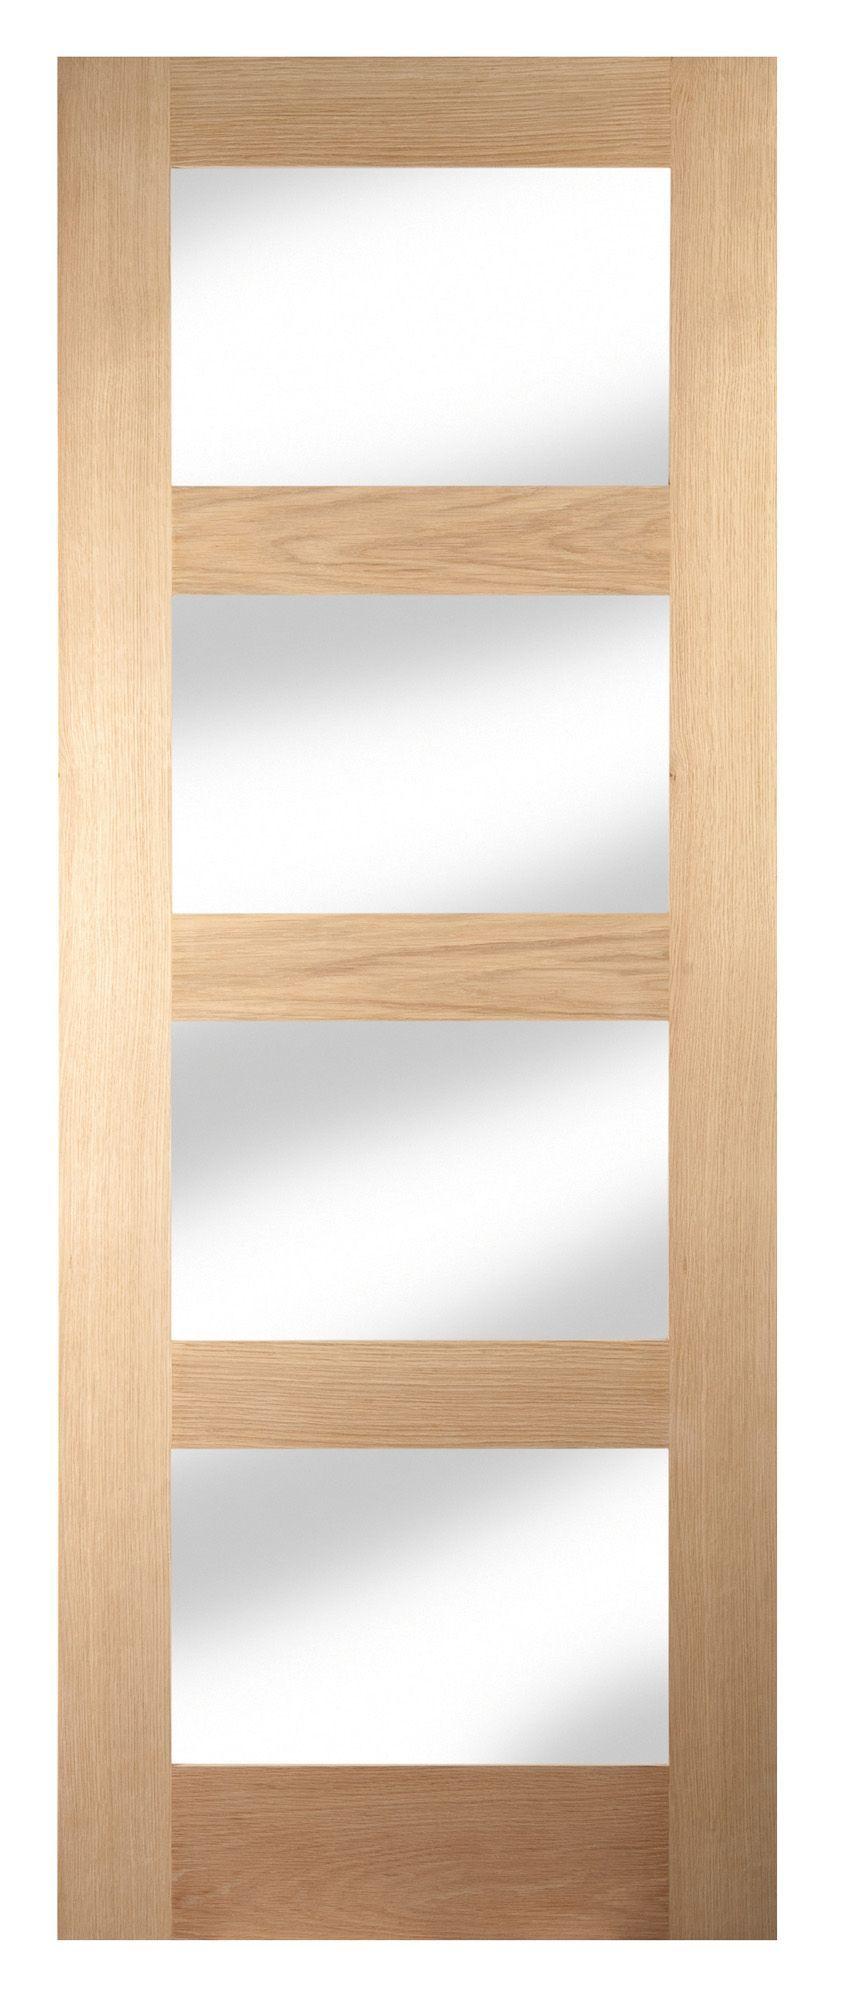 panel shaker oak veneer glazed internal standard door hmm